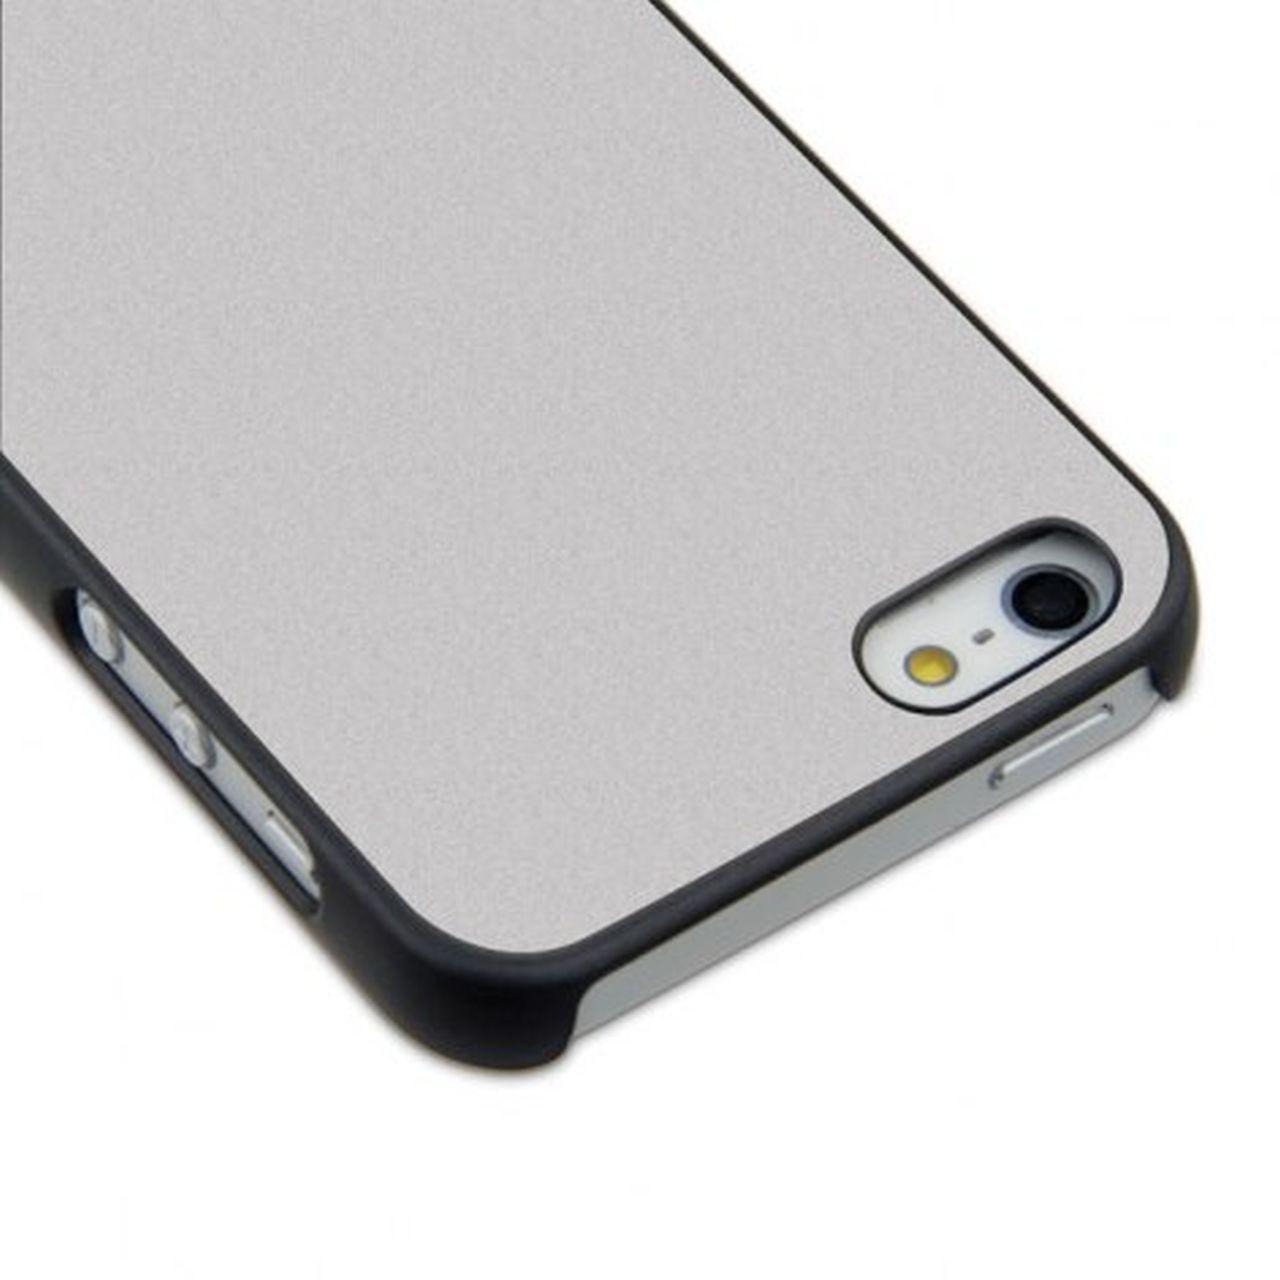 Sublicover nera perlata argento iphone5 cm.13x7x1h